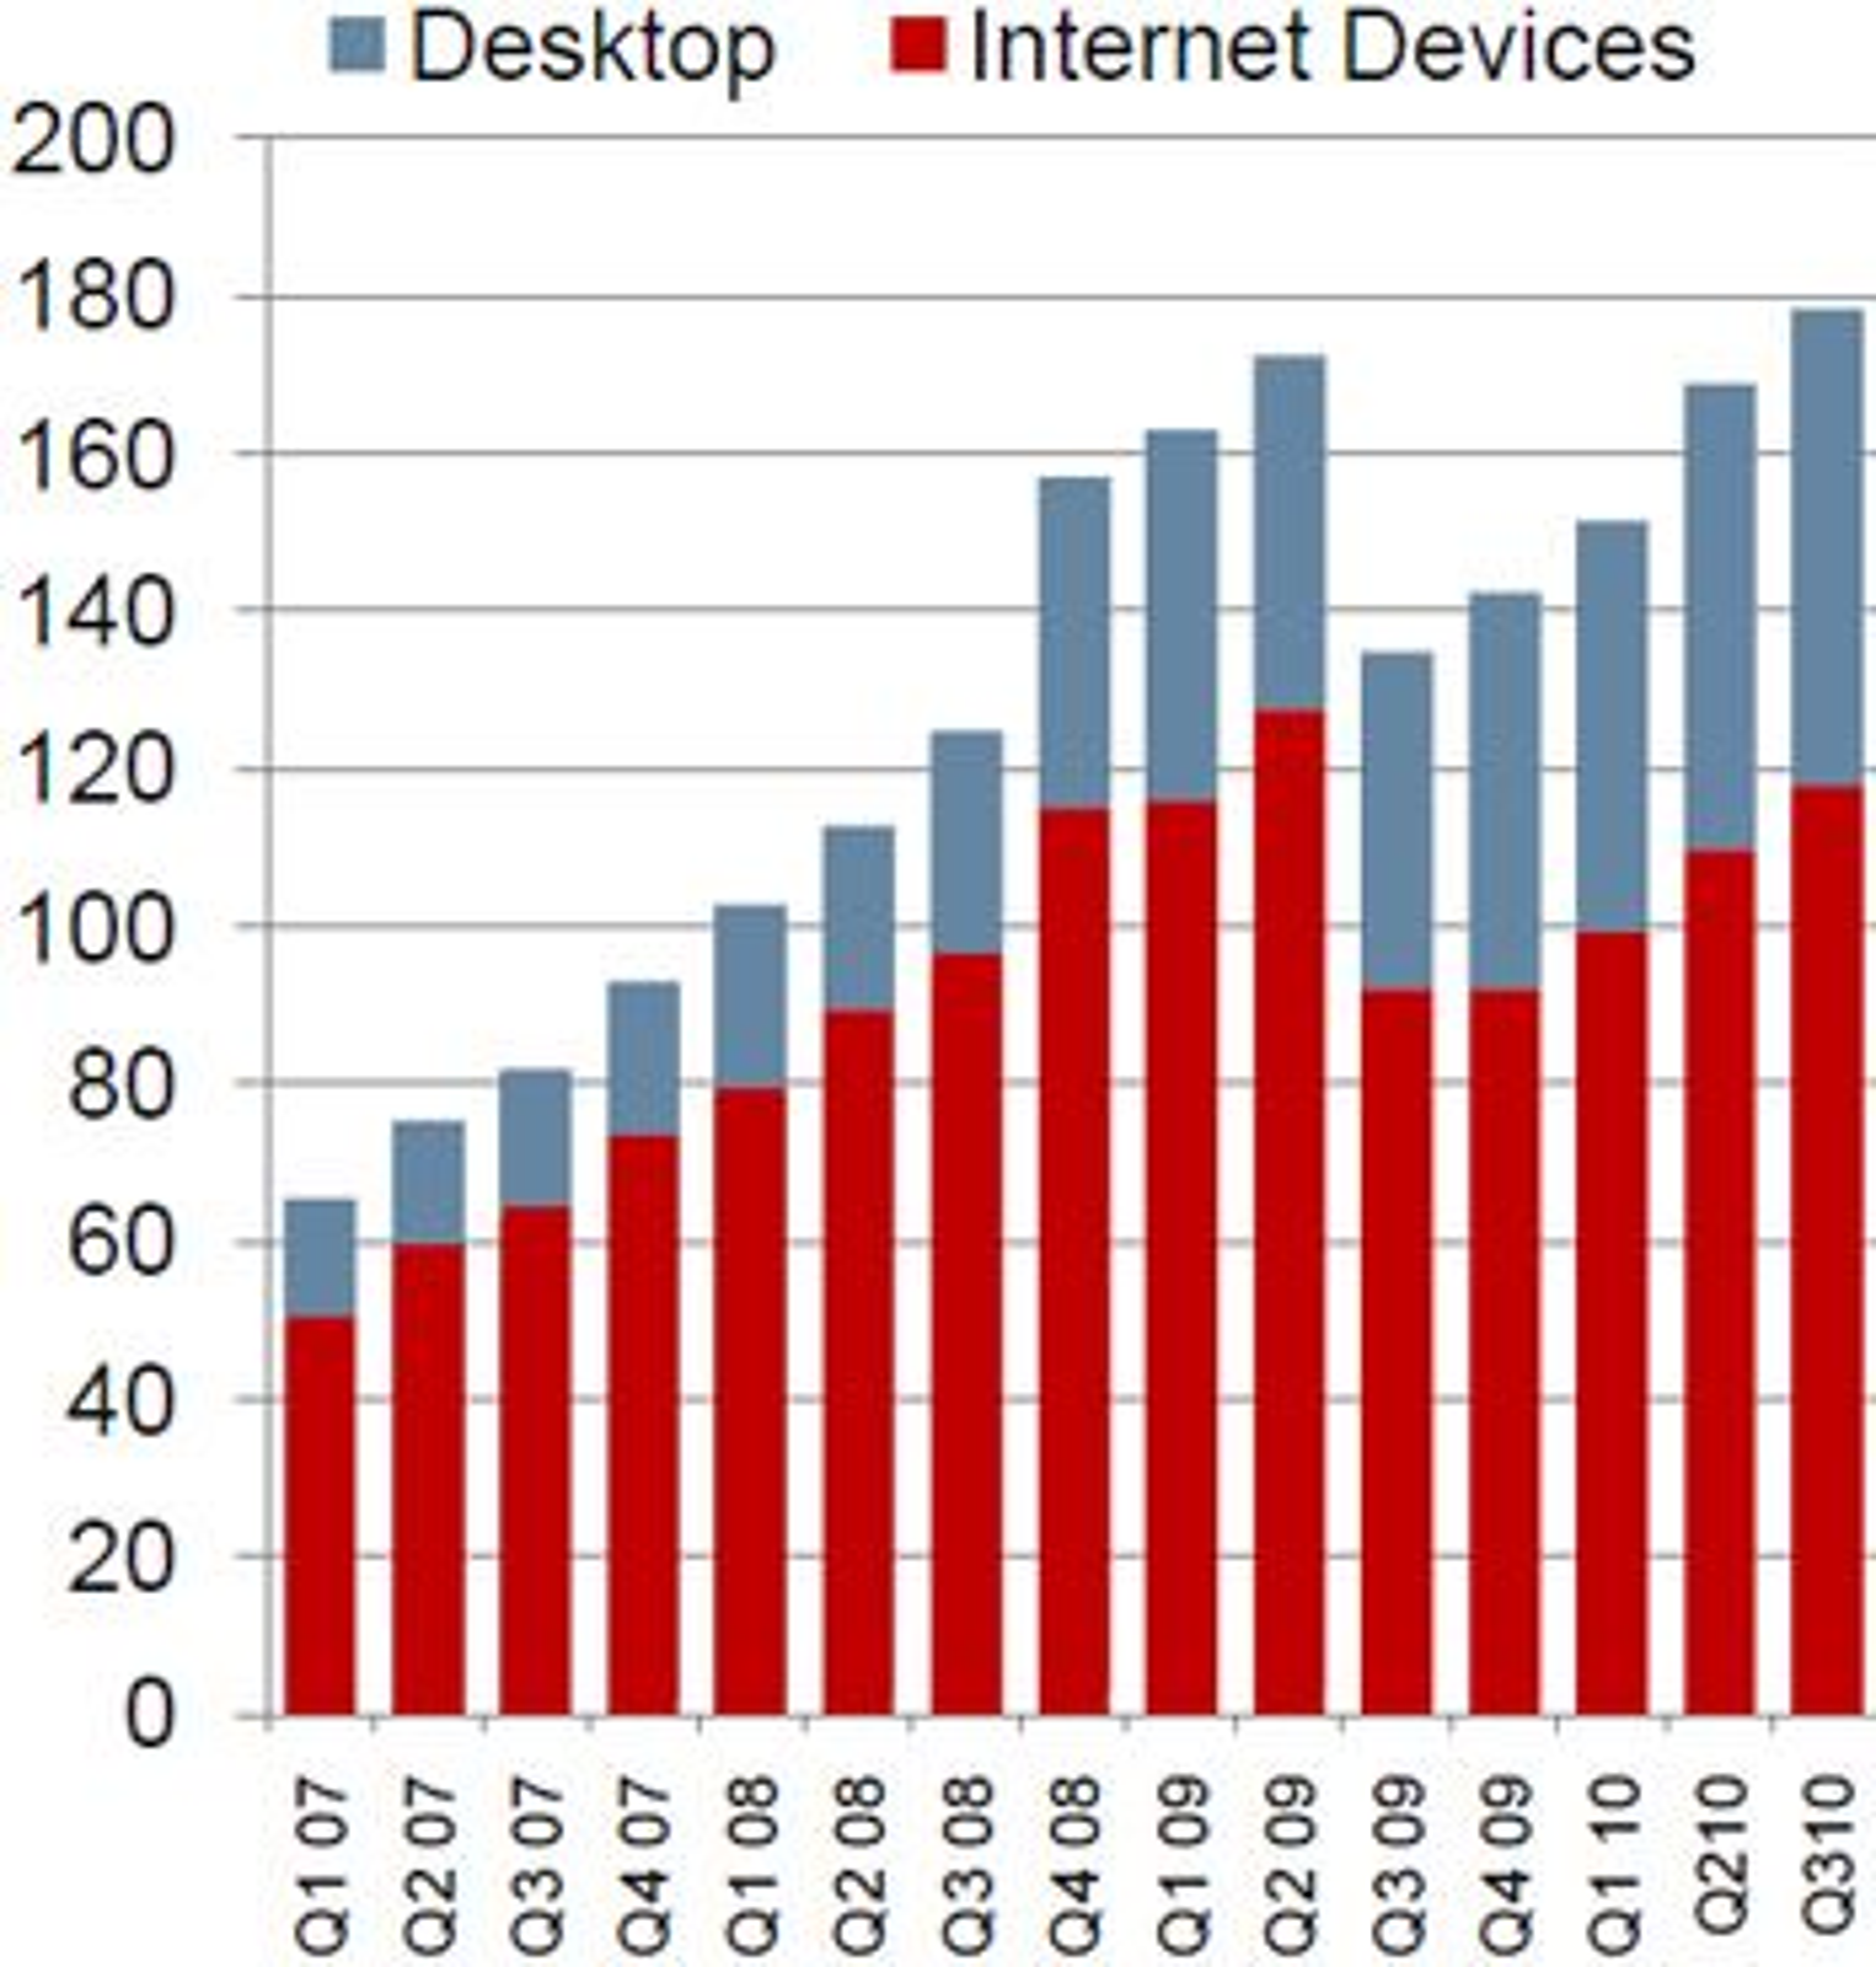 Omsetning til Opera Software de siste femten kvartalene, i millioner kroner, fordelt på pc-er og andre enheter, i hovedsak mobiltelefoner.